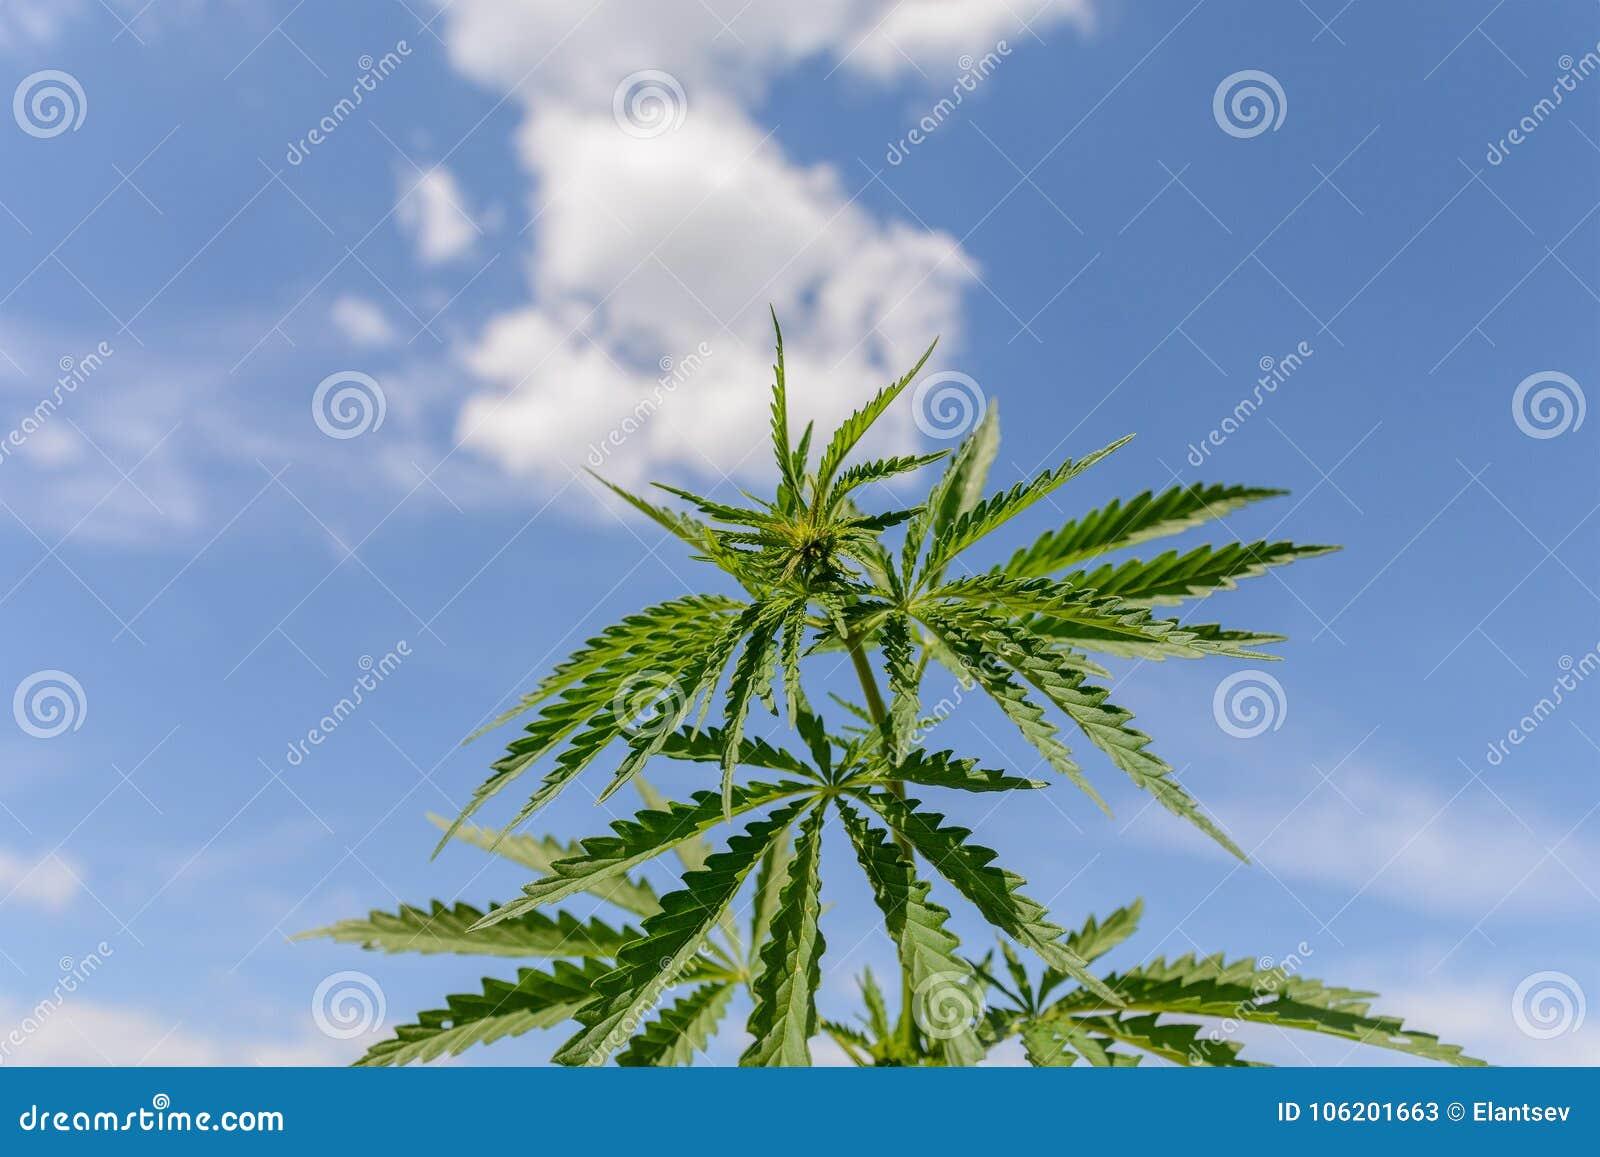 new concept 41b1a ebebb Marijuana at outdoor air cannabis farm field.